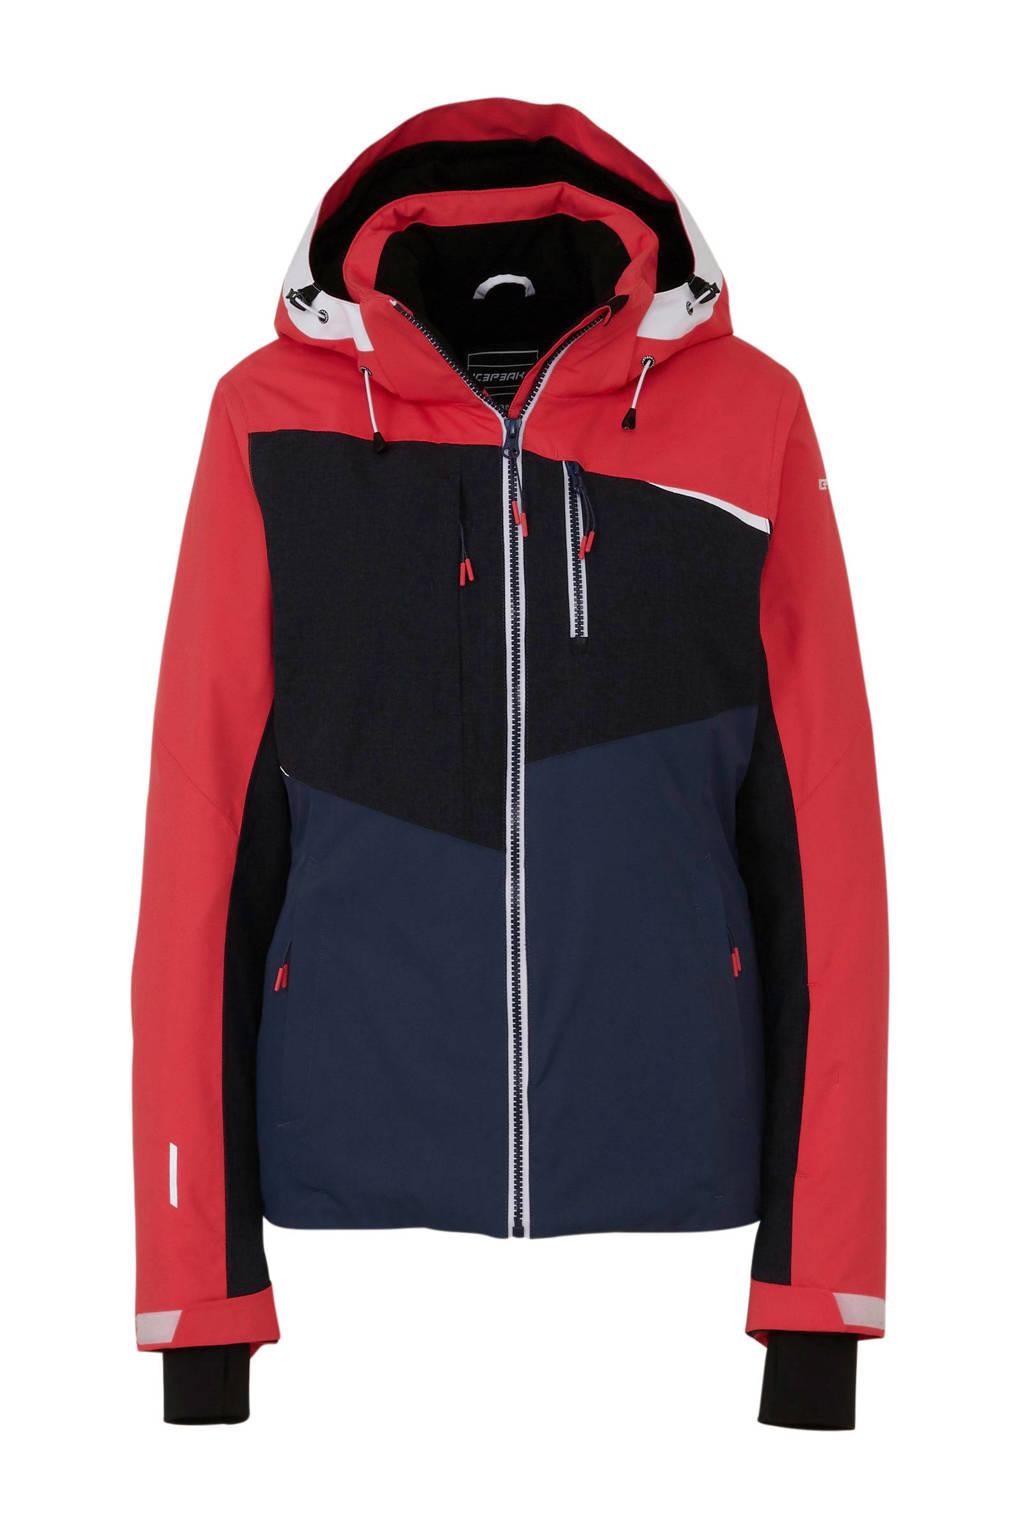 Icepeak ski-jack Calion rood/zwart/antraciet